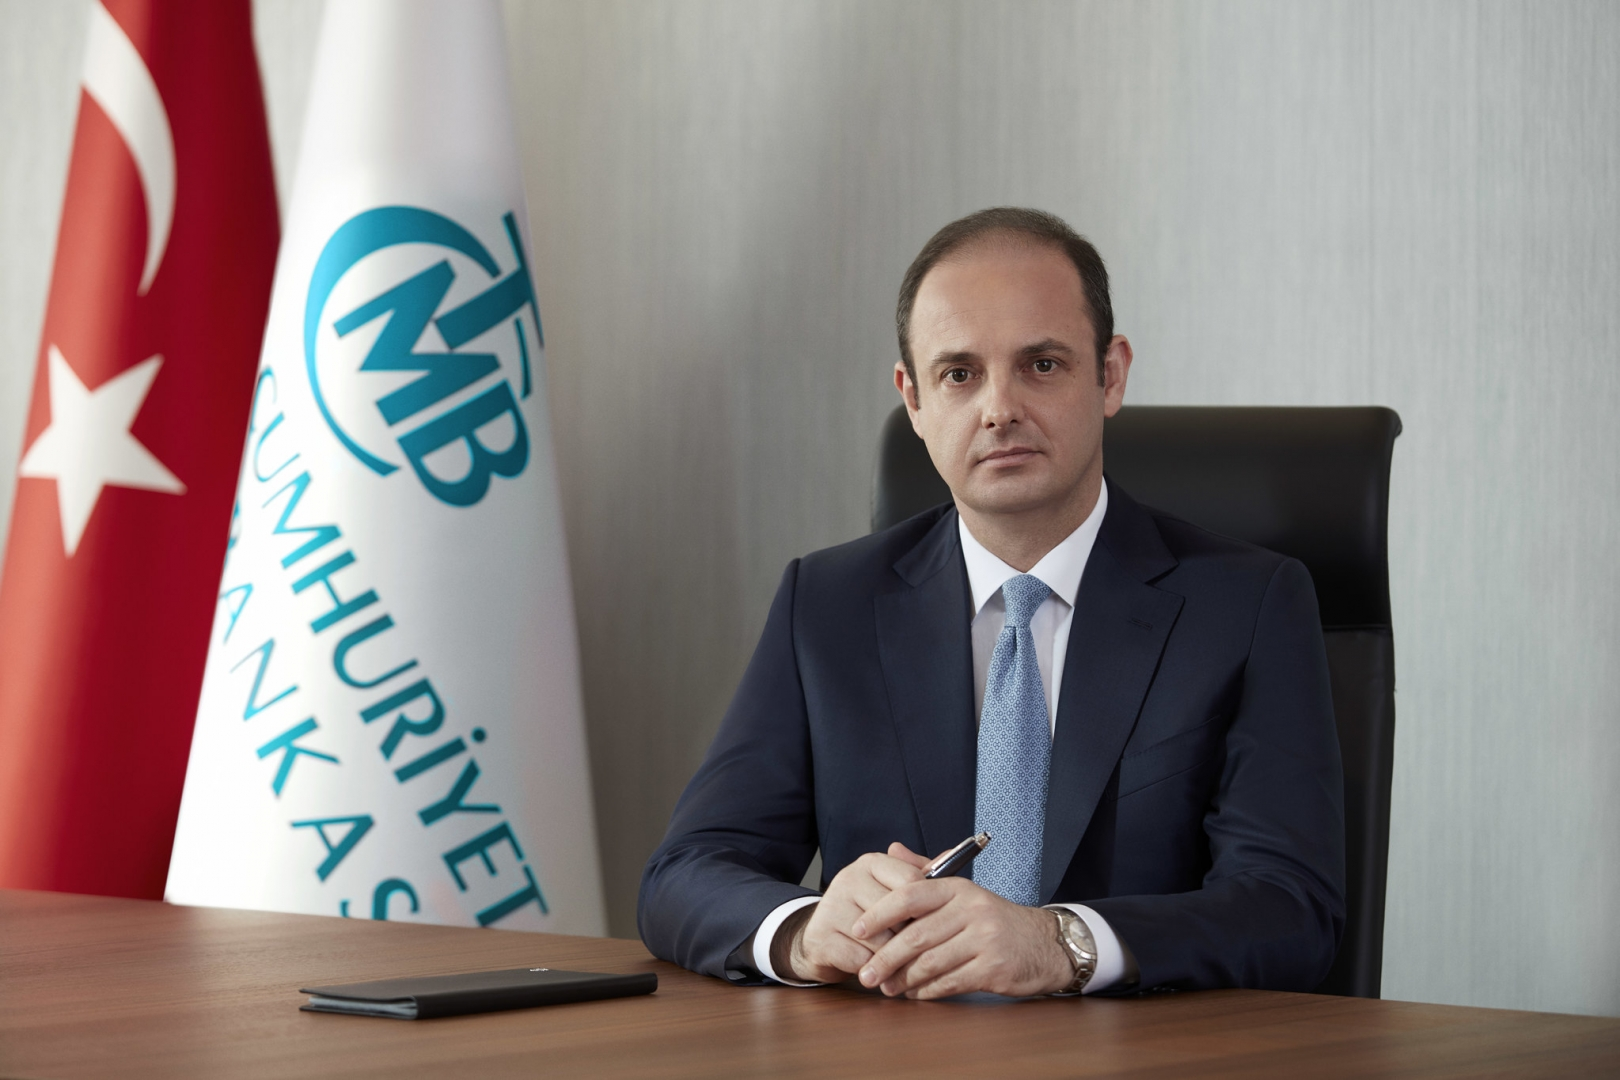 Председатель Центрального банка Турции Мурат Четинкая отправлен в отставку. Указ об это подписал президент Реджеп Тайип Эрдоган.